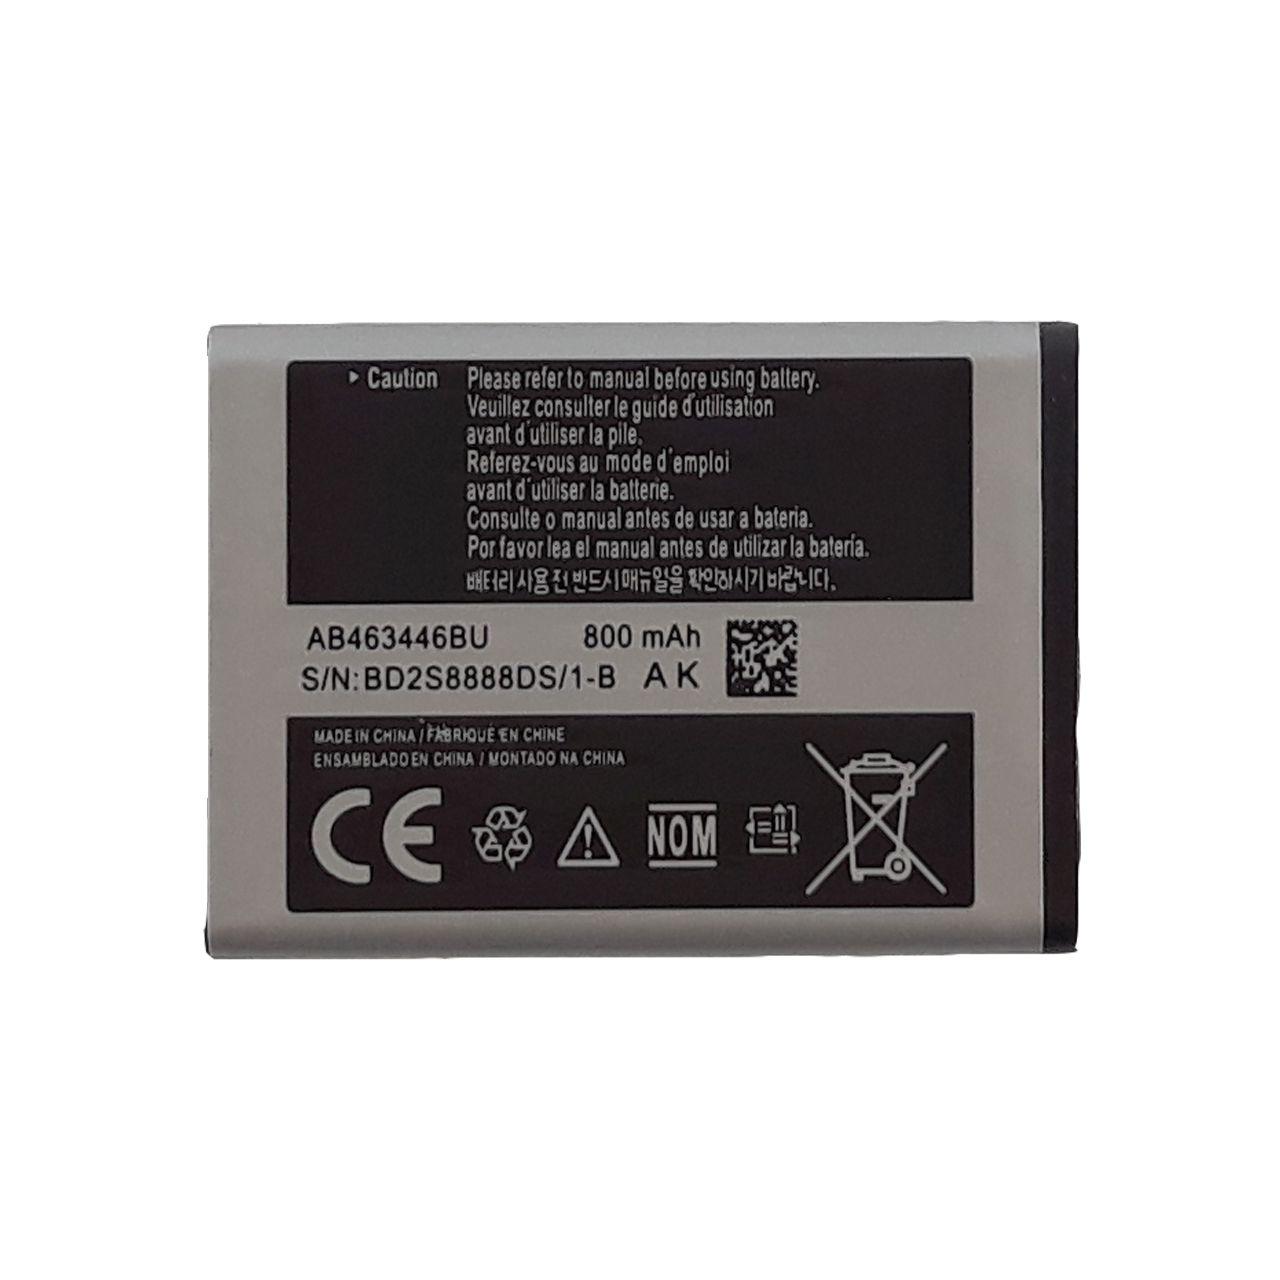 باتری موبایل مدل AB463446BU با ظرفیت 800 میلی آمپر ساعت مناسب برای گوشی سامسونگ E250